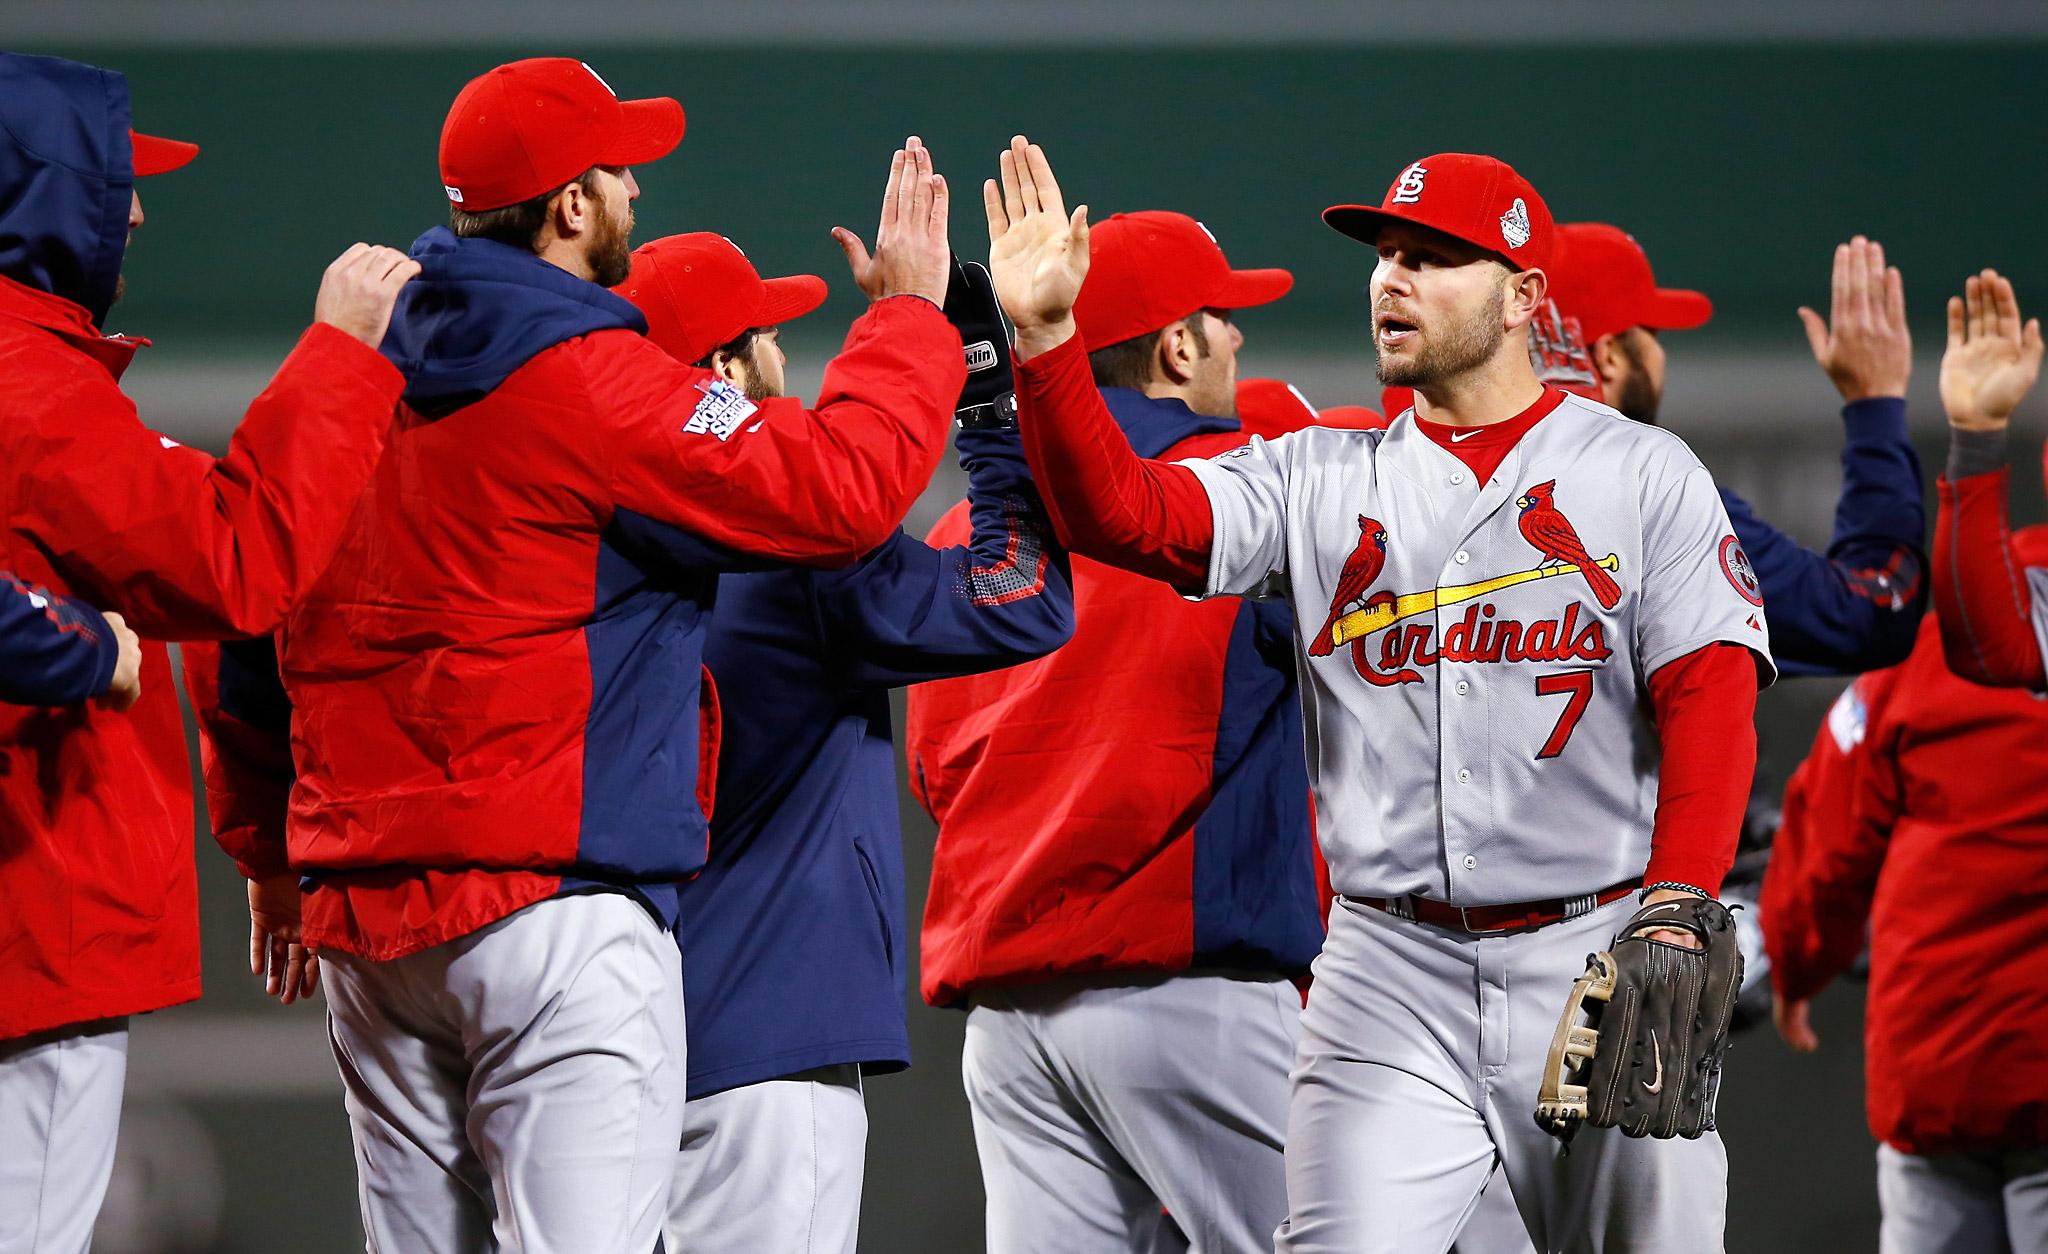 Cardinals win game 2